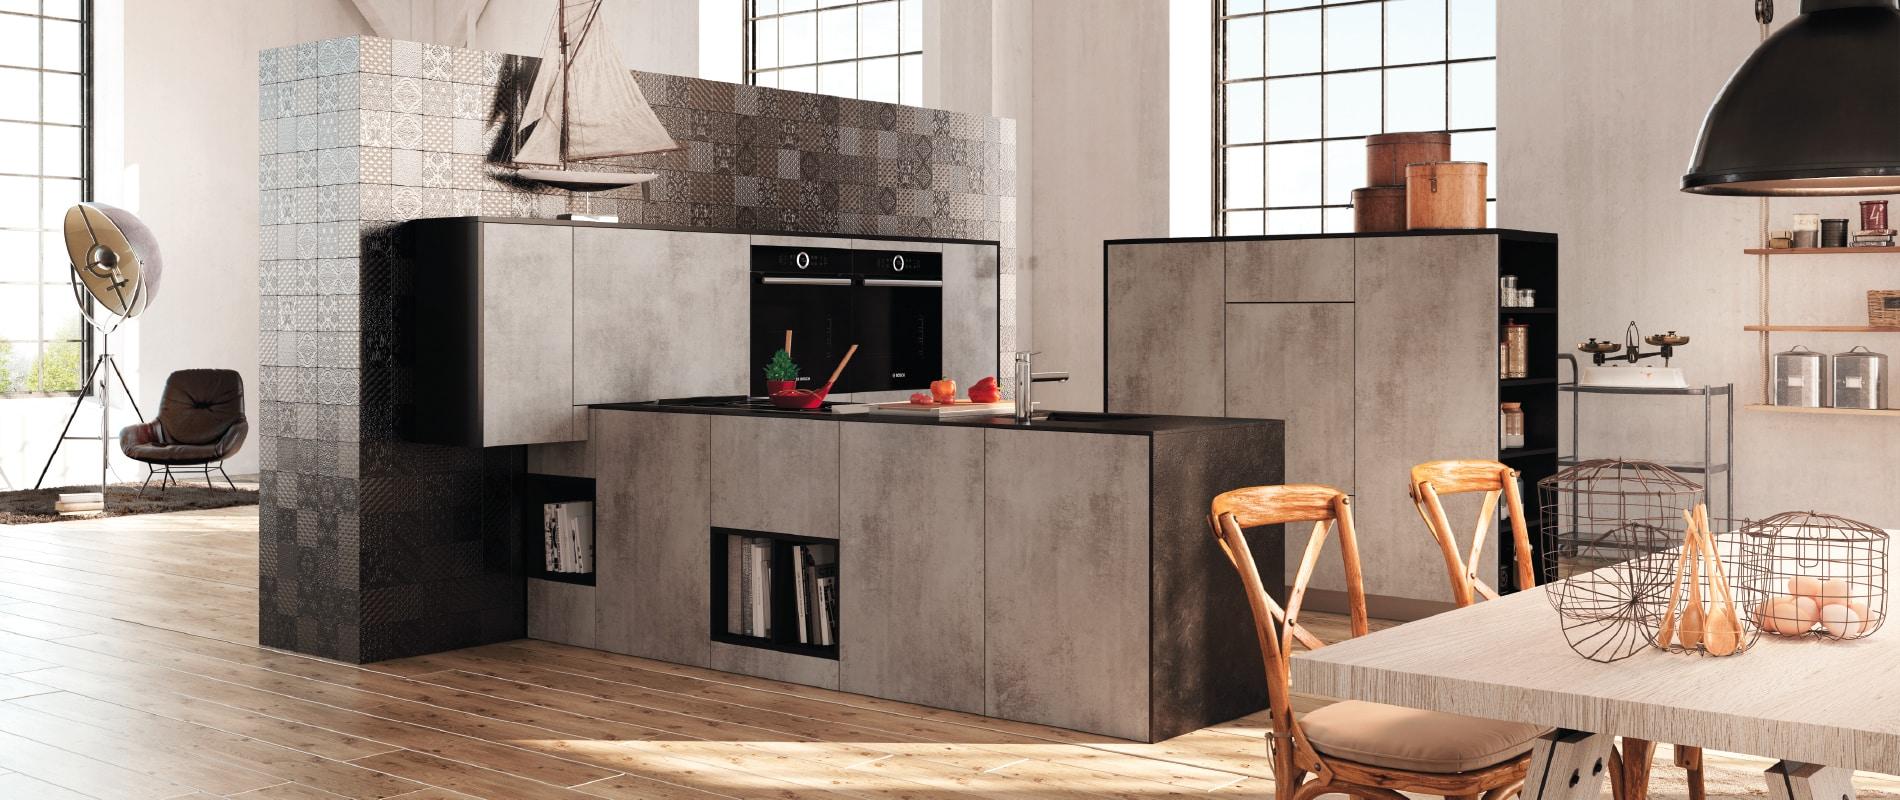 cuisines morel cuisiniste fabricant sur mesure marque haut de gamme fran aise. Black Bedroom Furniture Sets. Home Design Ideas